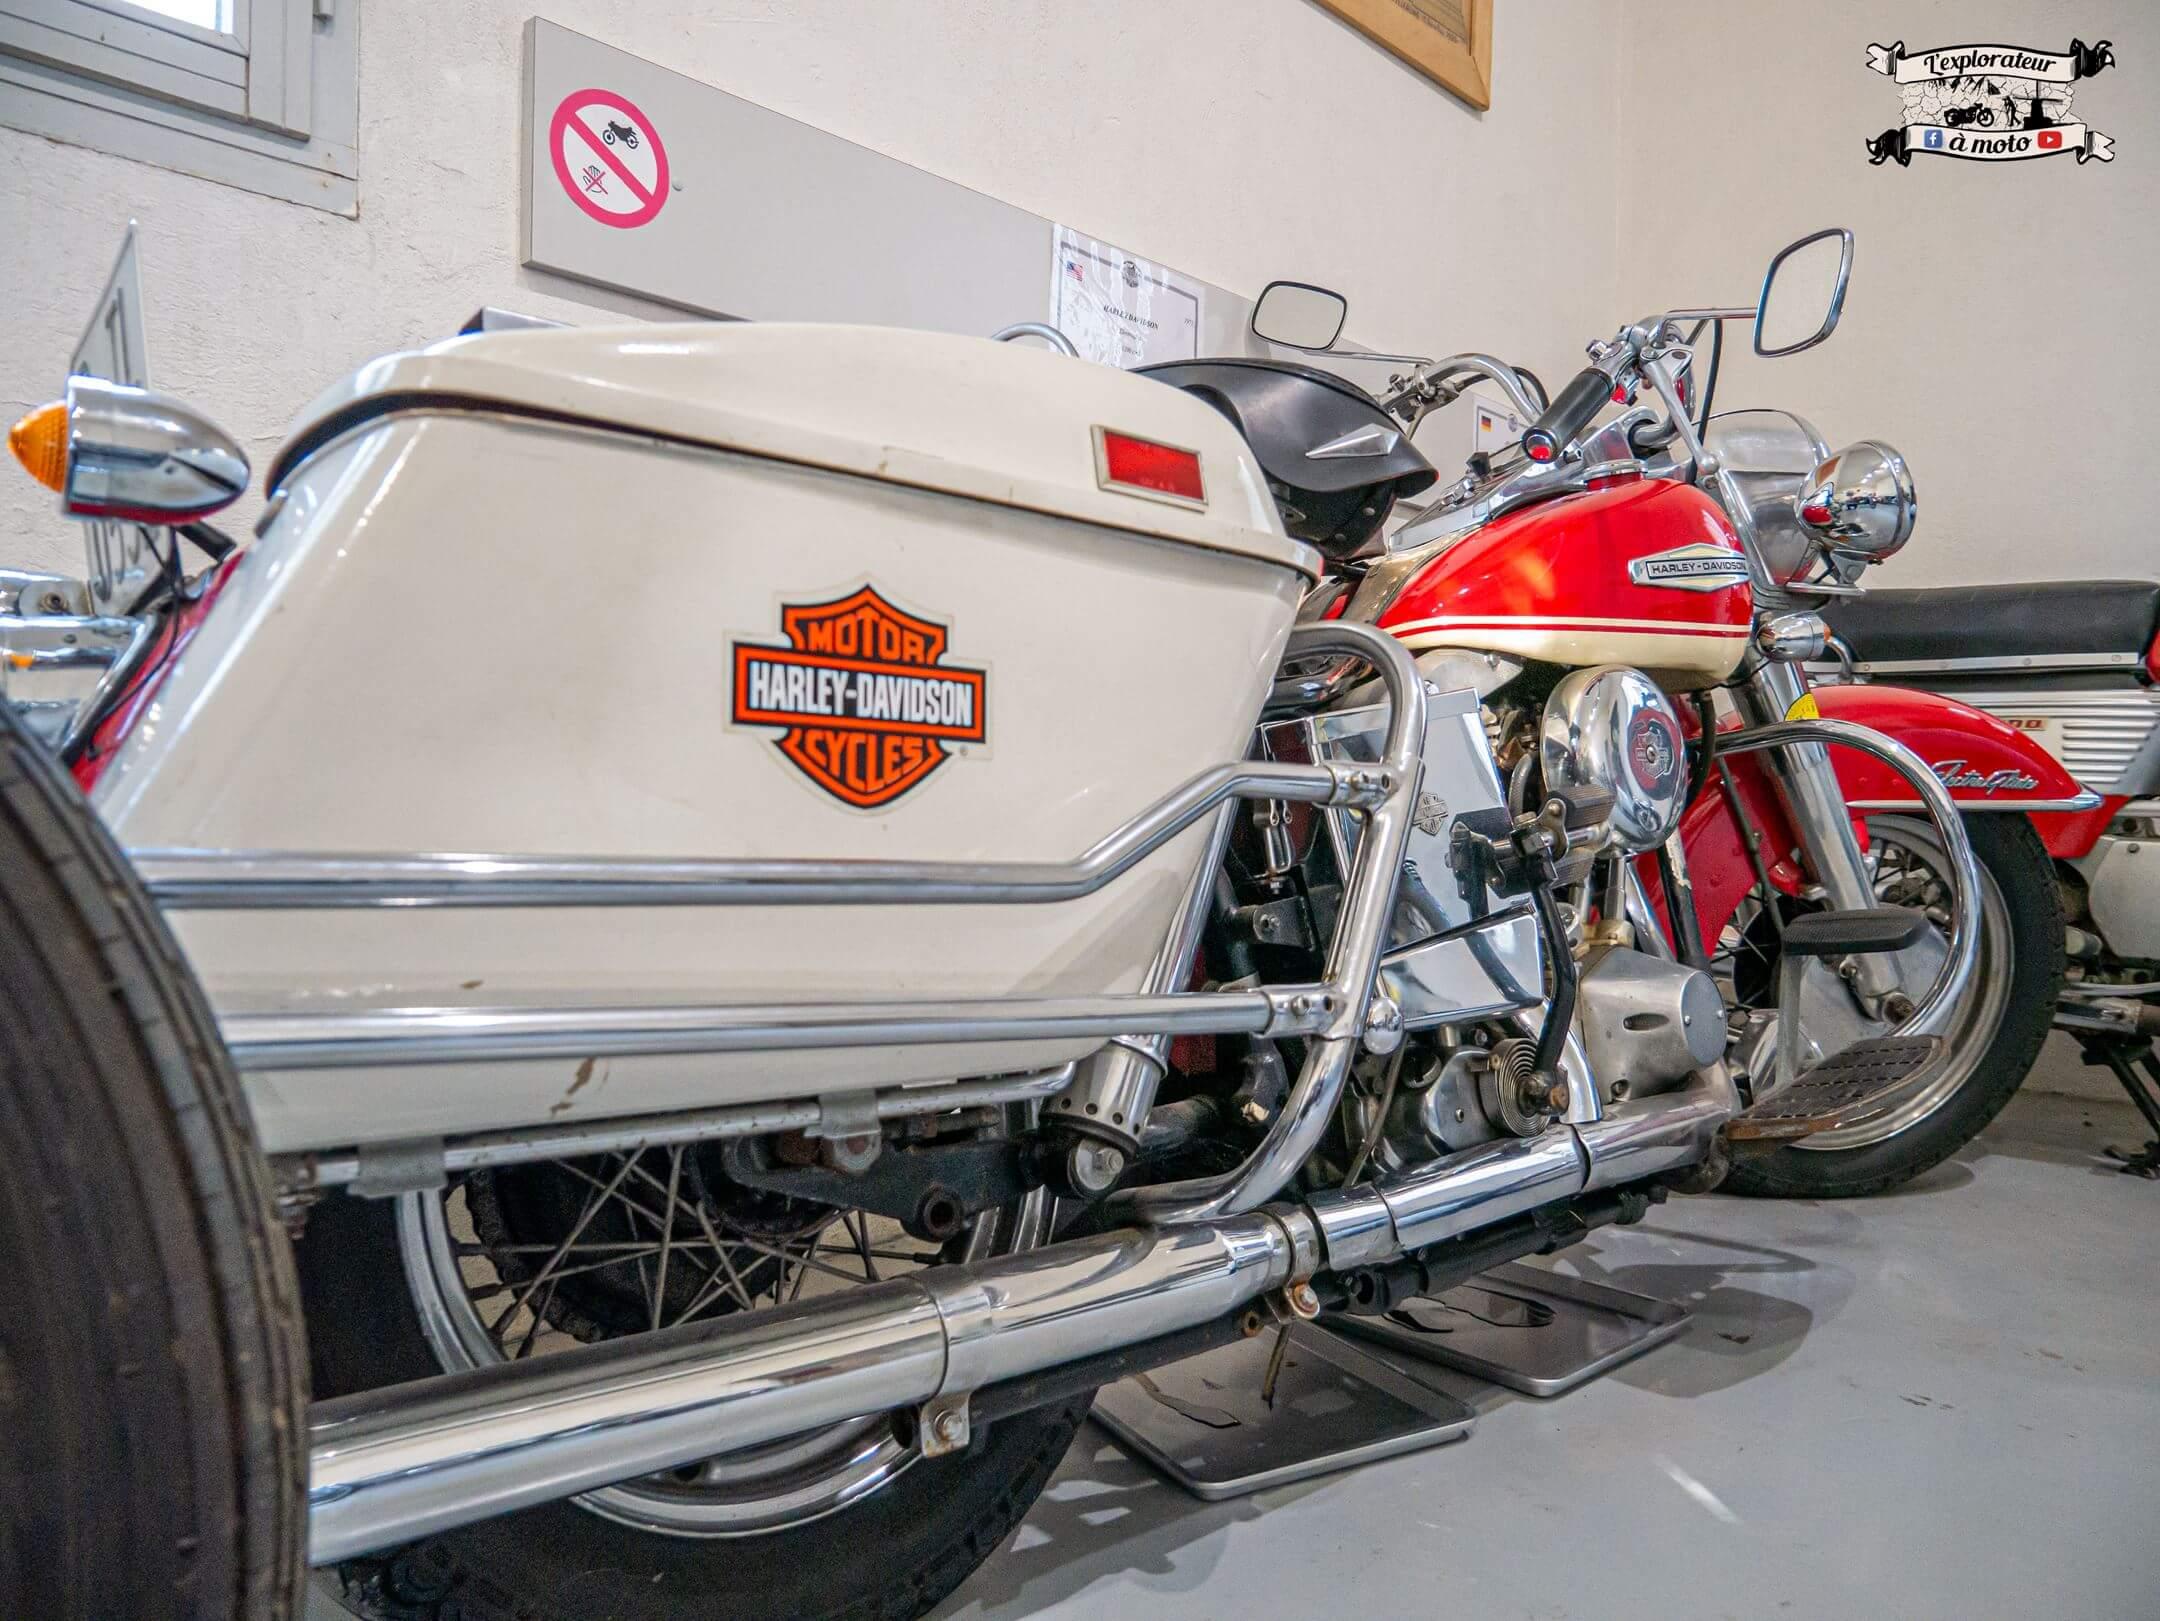 Harley-Davidson, Château de Bosc 02 - lexplorateuramoto.com